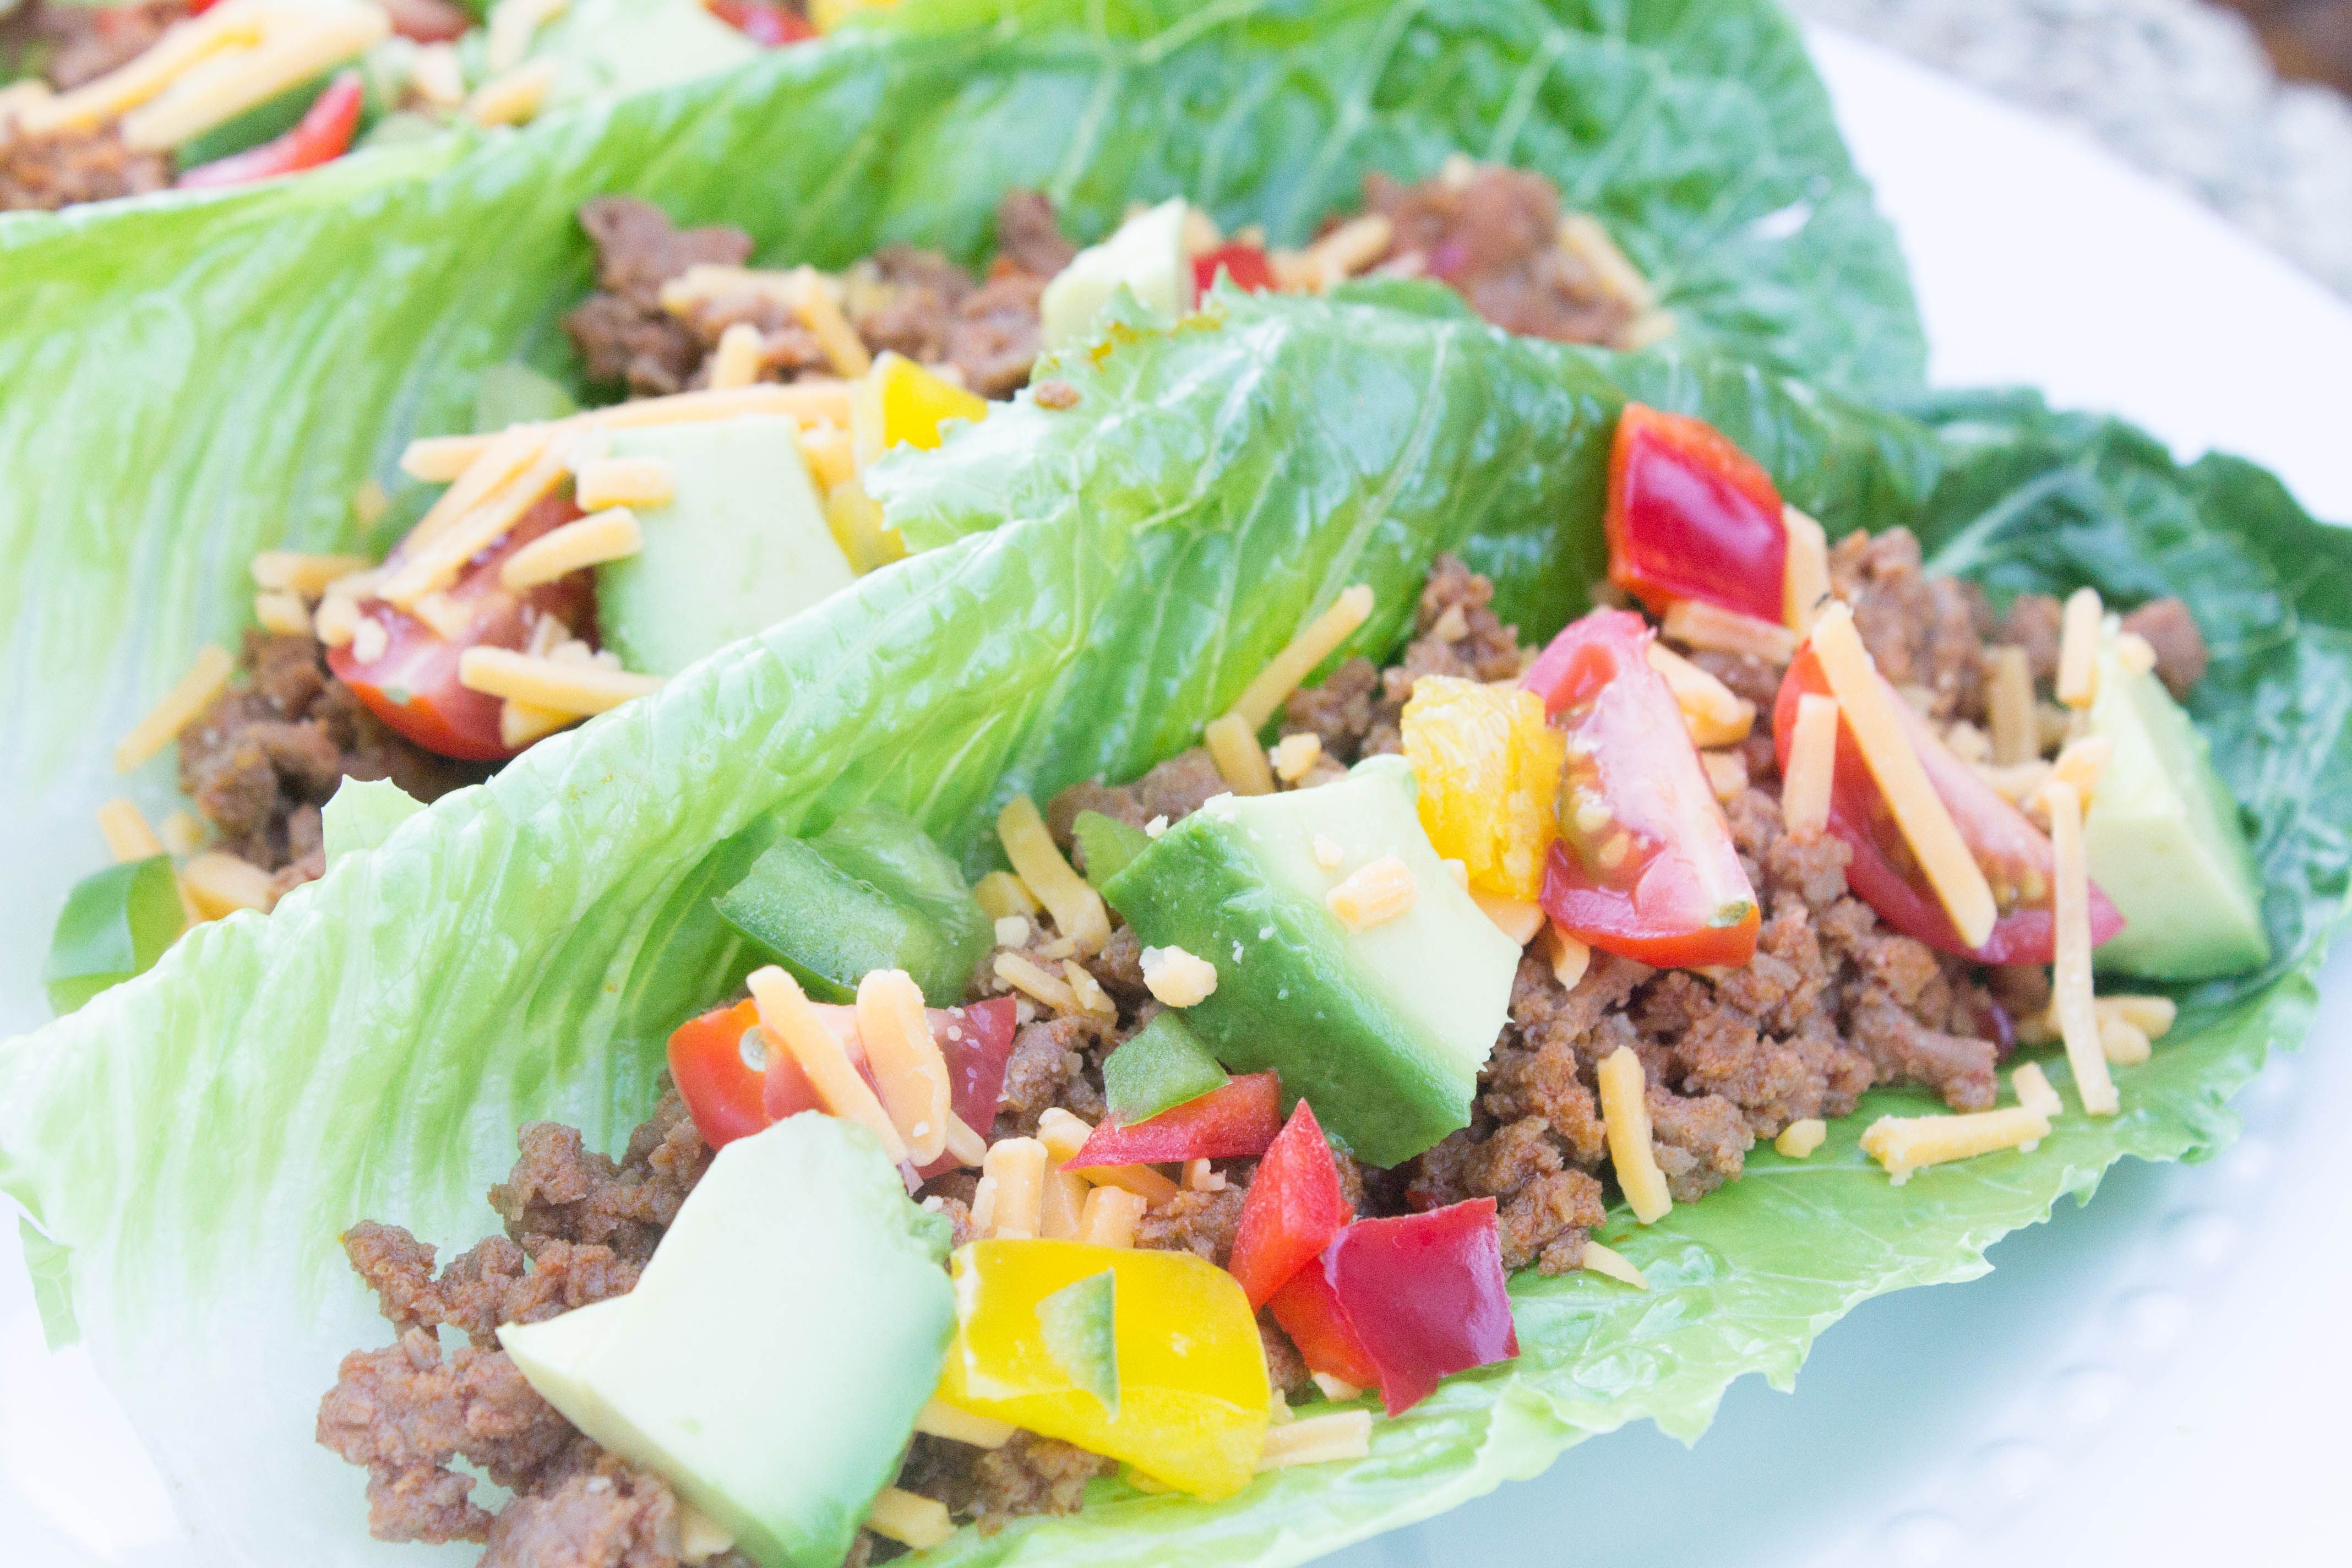 IMG_4799Pasta Salad close up